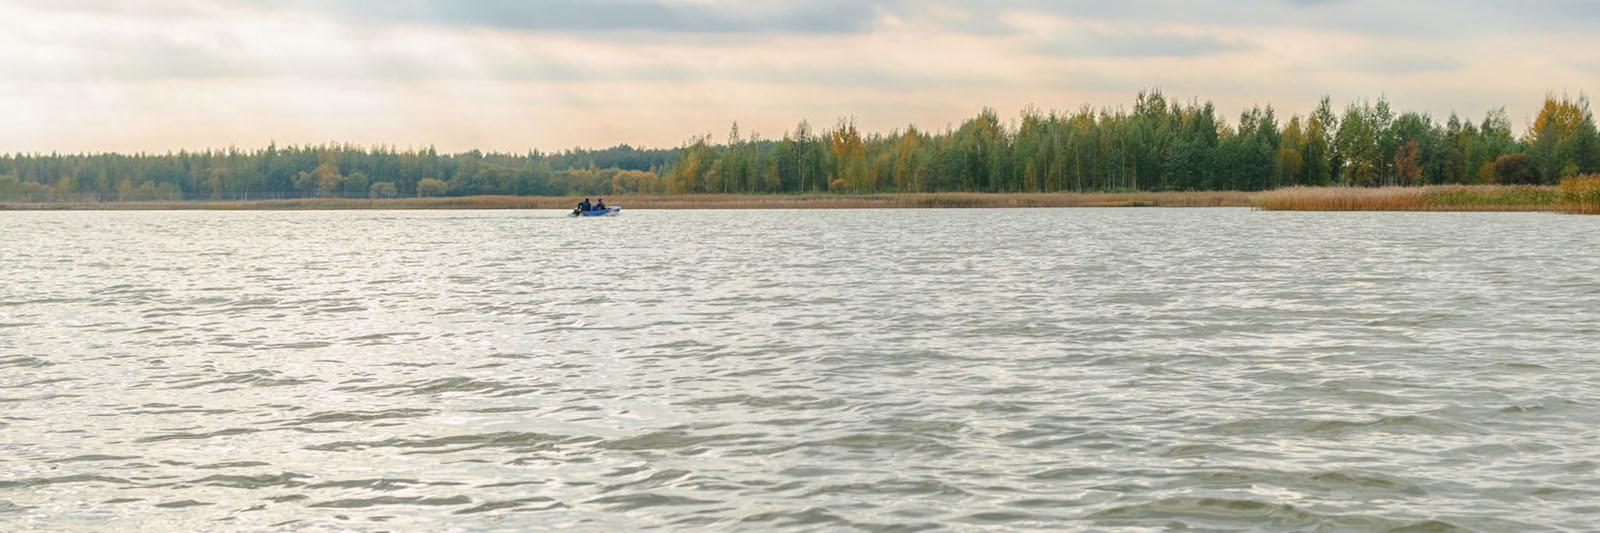 Озеро «Надежды» — водоём классической платной рыбалки на территории Беларуси в КФК «Юницкого»